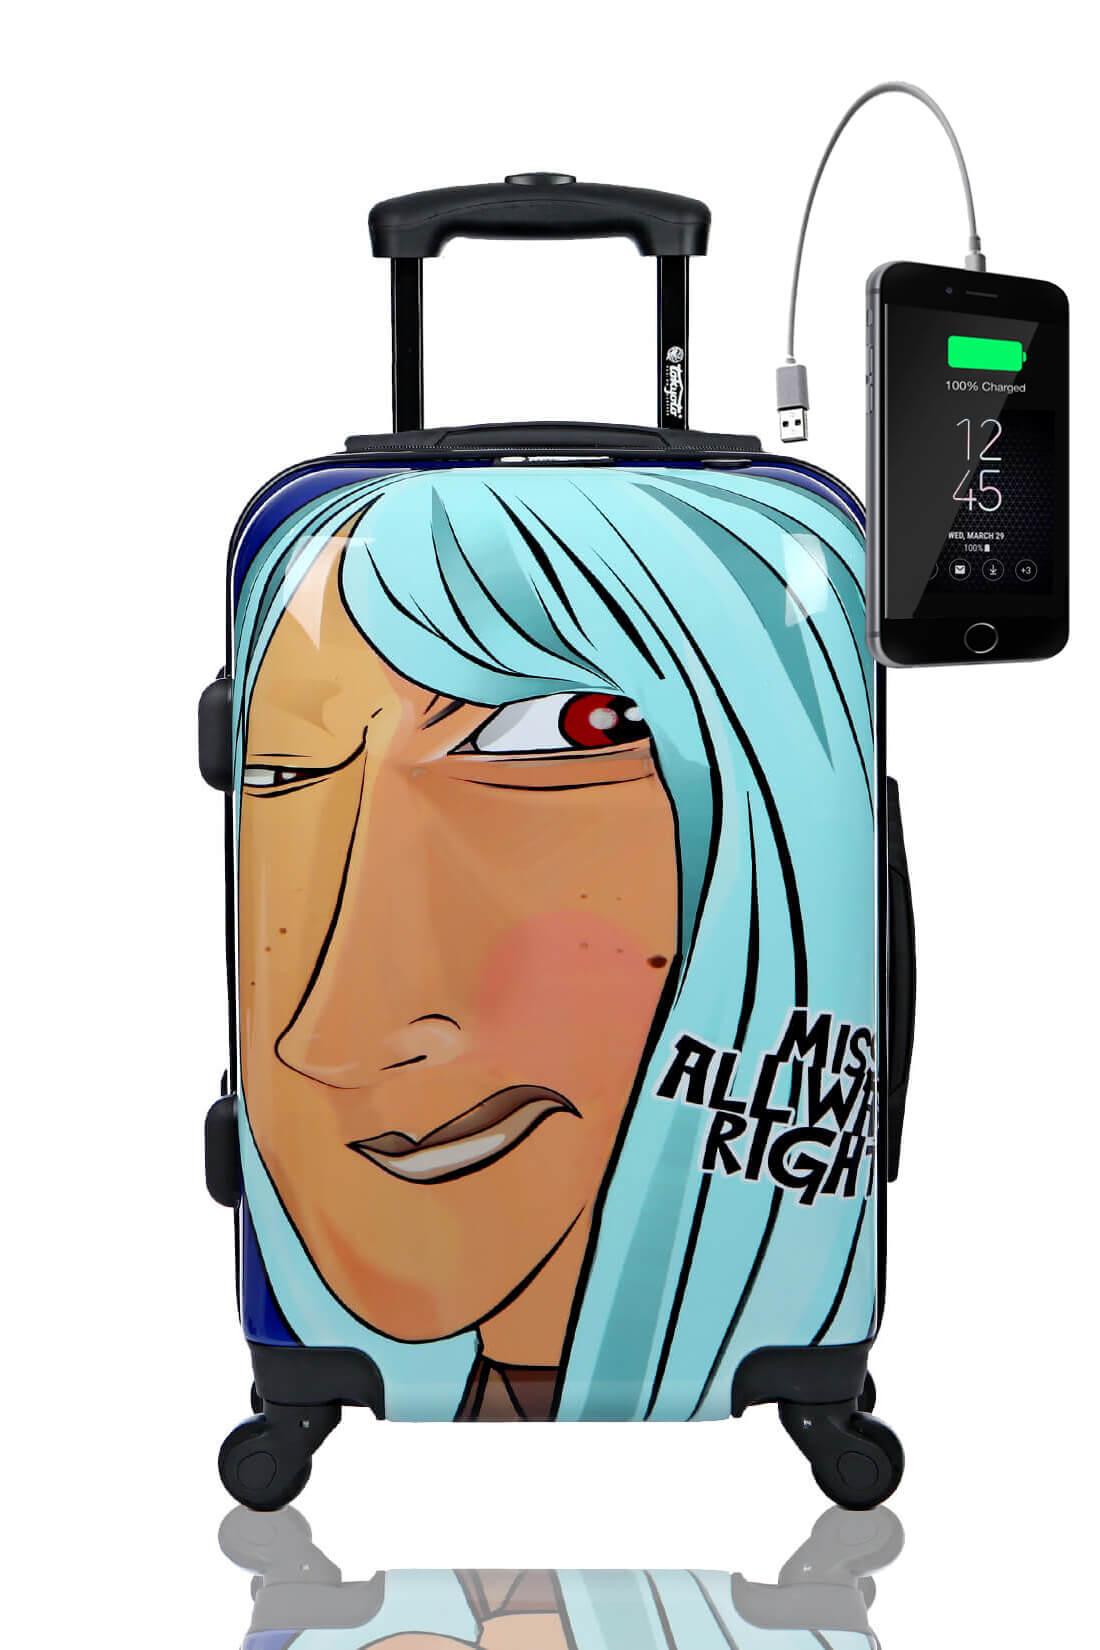 Kindertrolley Kindergepäck Reisekoffer Hartschalen-Koffer Trolley Rollkoffer Reisekoffer mit TSA-Schloss und 4 Rollen MISS ALWAYS RIGHT